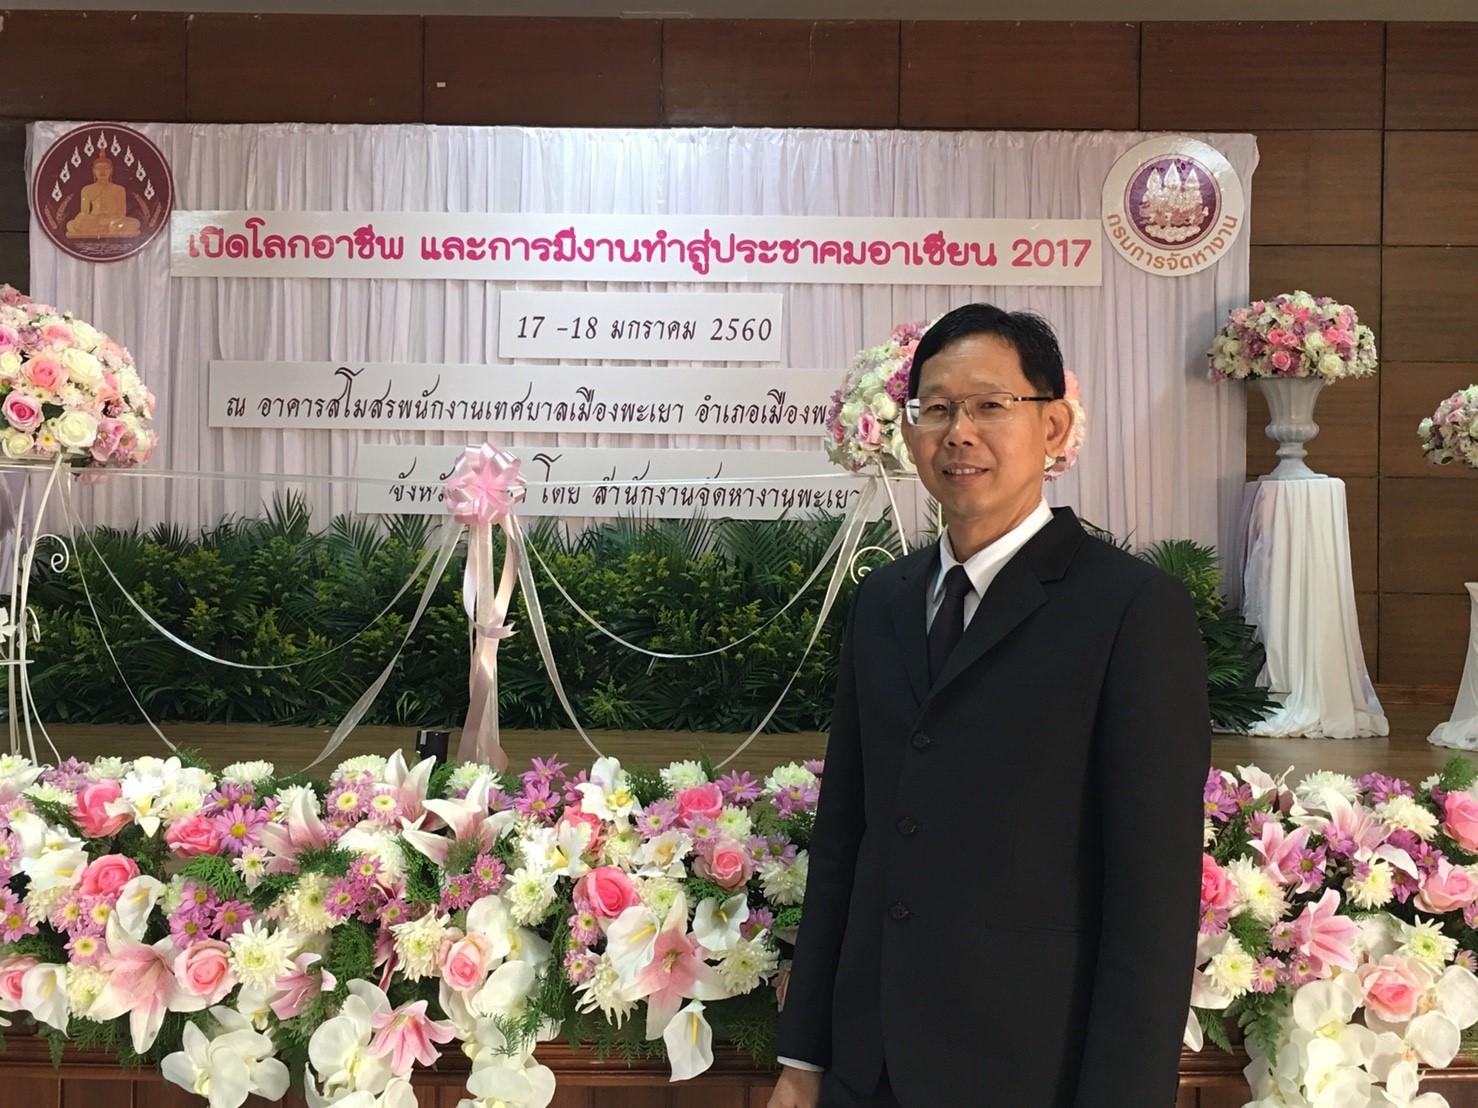 เปิดโลกอาชีพและการมีงานทำสู่ประชาคมอาเซียน 2017